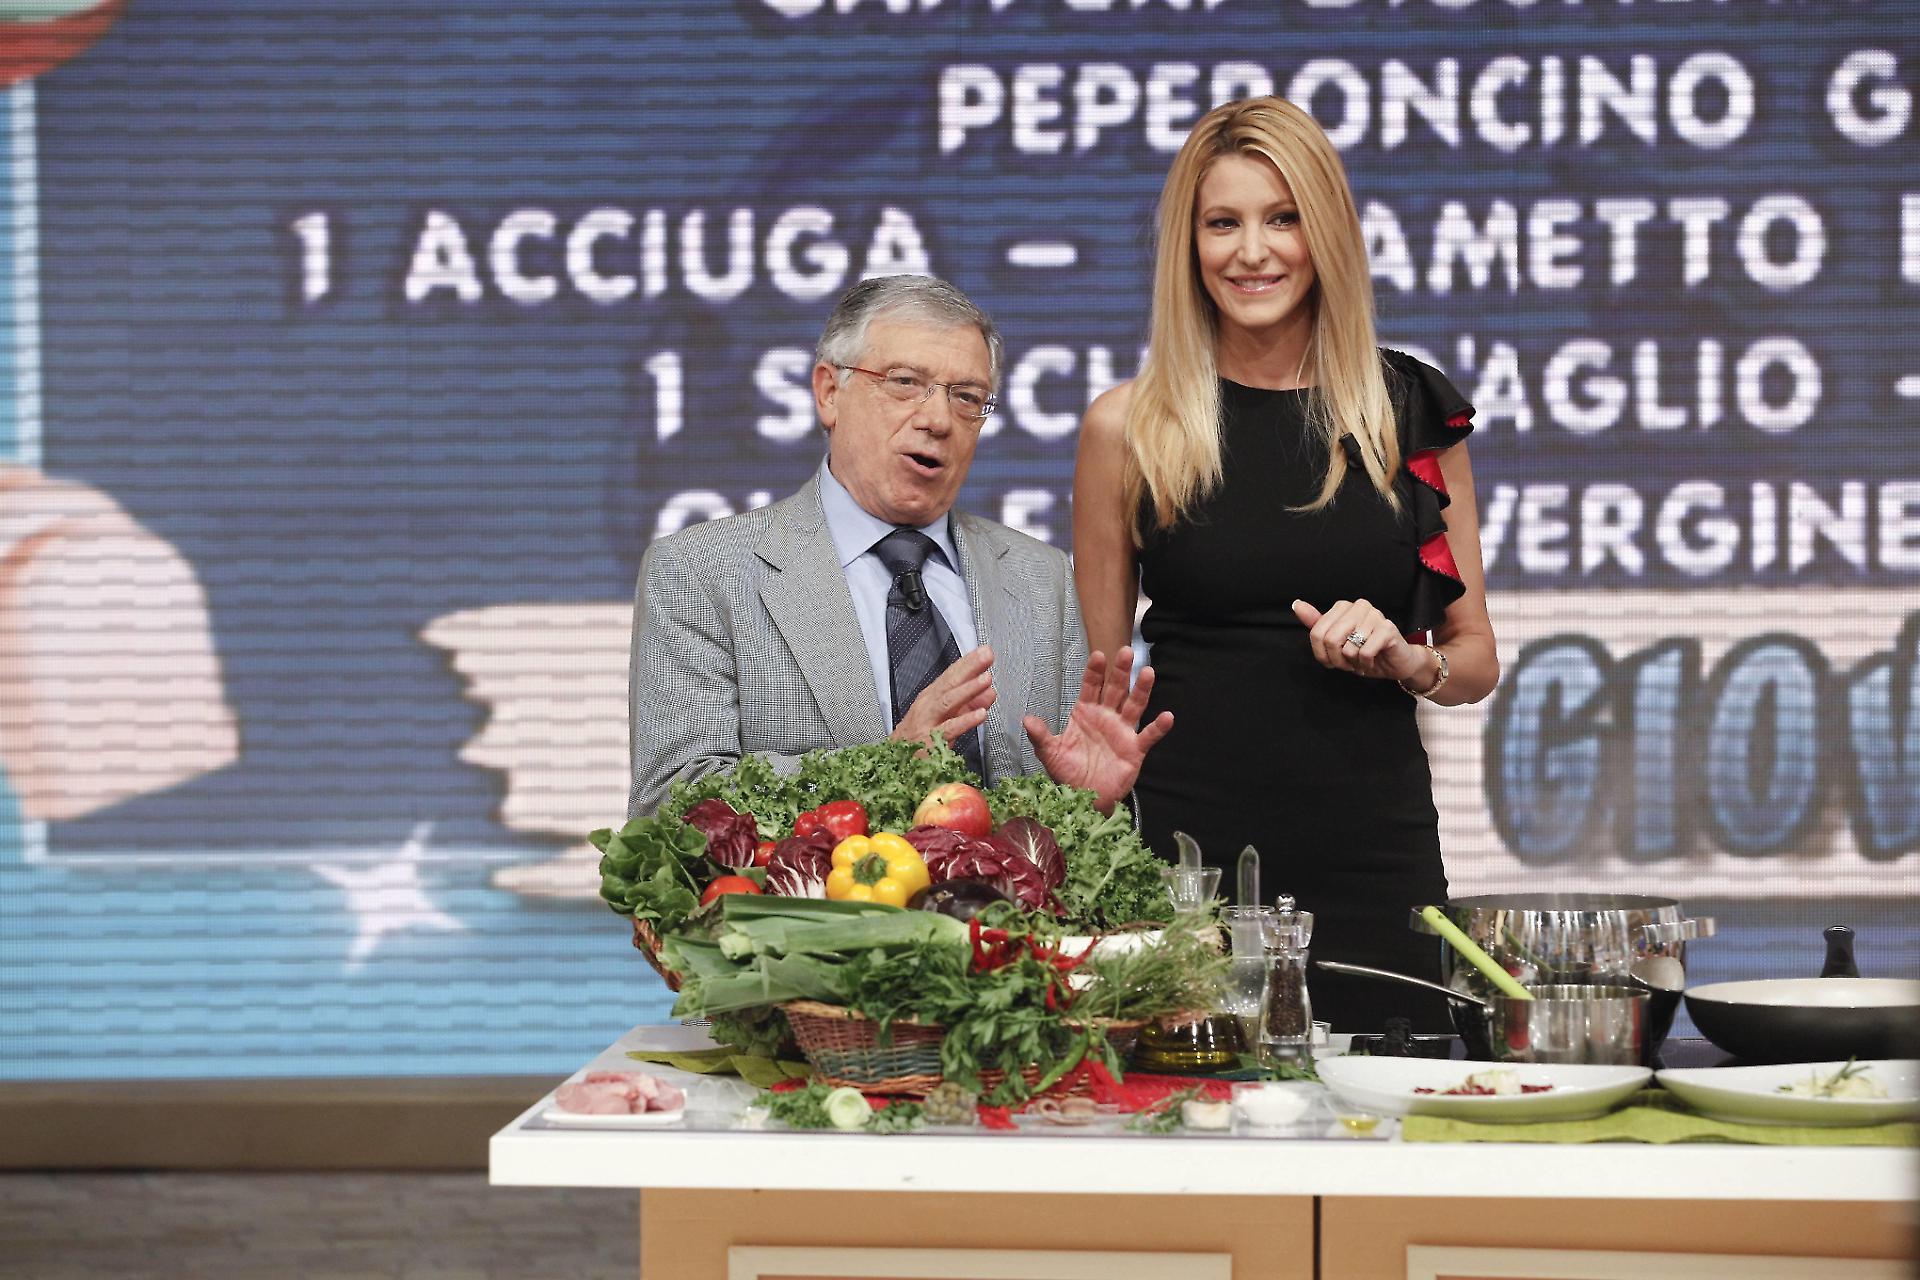 Pietro Migliaccio, il grande medico nutrizionista è morto per la rottura dell'aorta